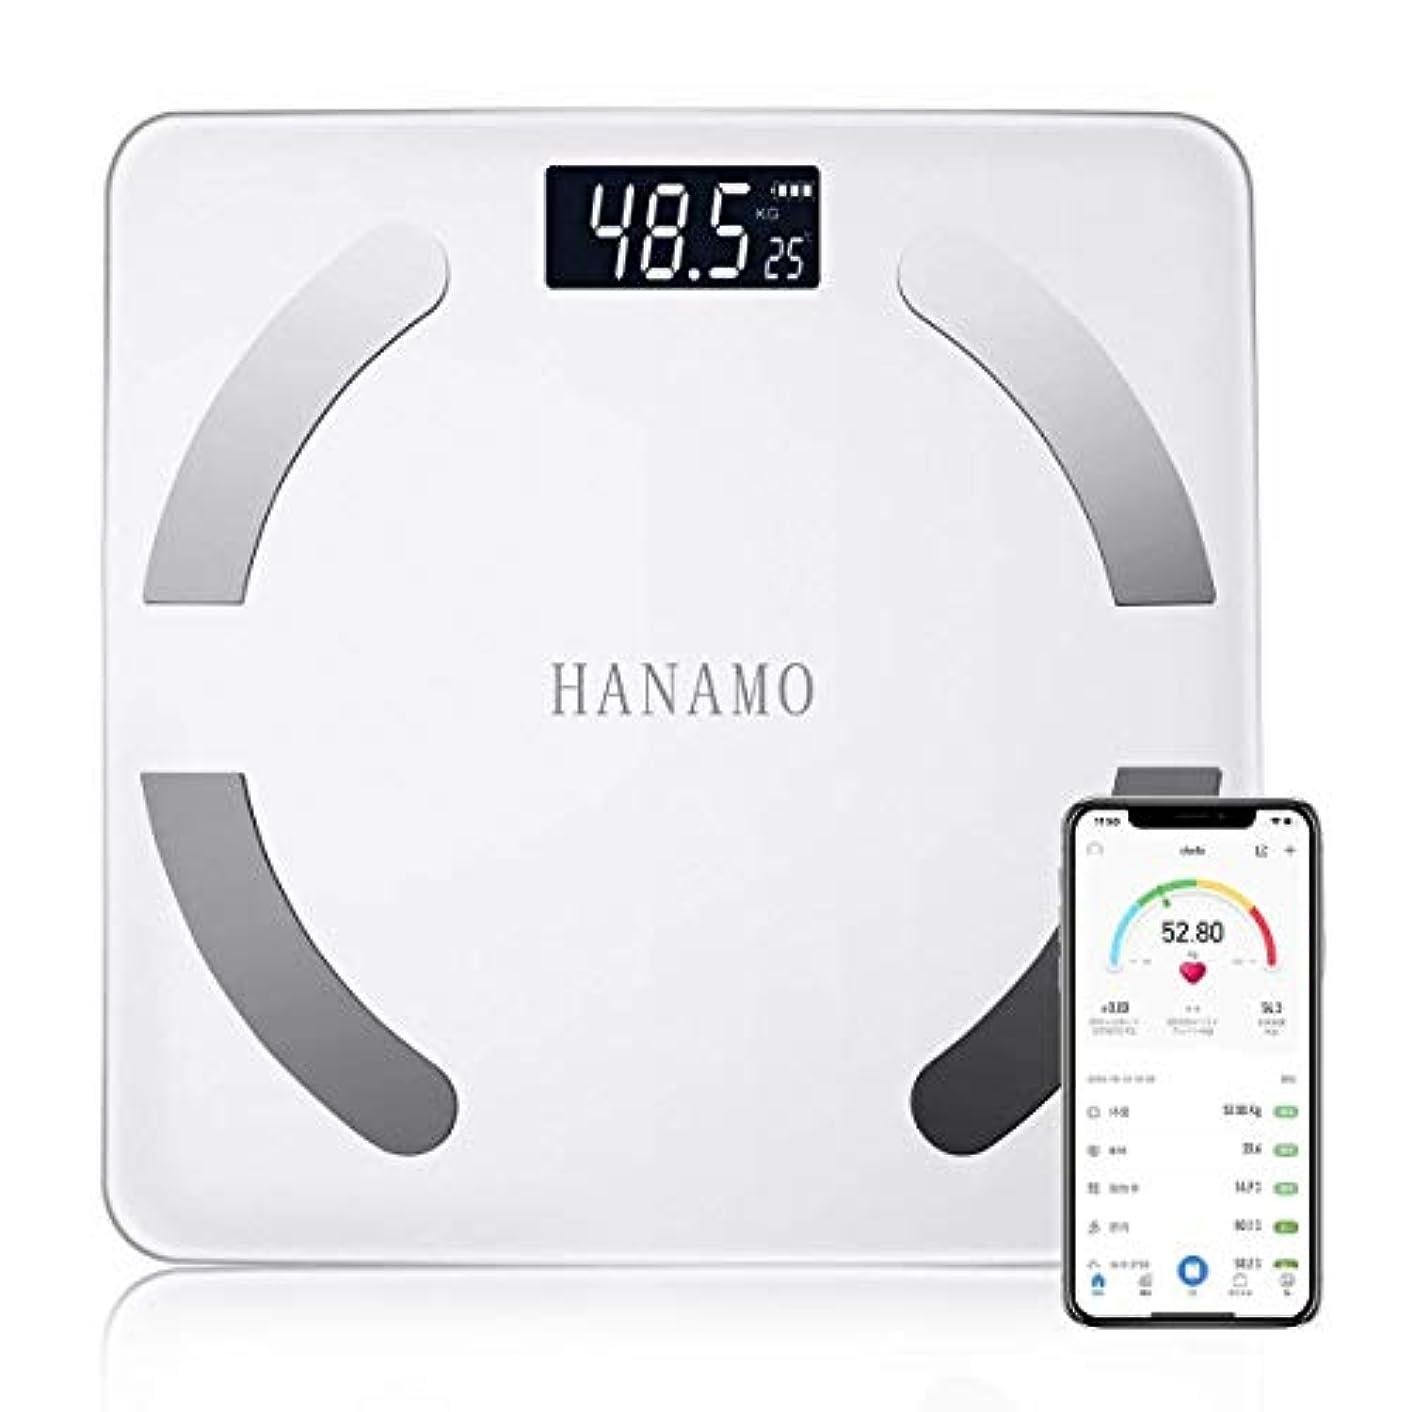 ディスク幻想フォーカスHANAMO 体重計 体組成計 体脂肪 高精度 体重/BMI/脂肪率/筋肉/水比記録/内蔵脂肪/骨量/基礎代謝量 測定可能Bluetooth スマホ対応 ダイエット 体重管理 肥満予防 iOS/Androidアプリで健康管理...